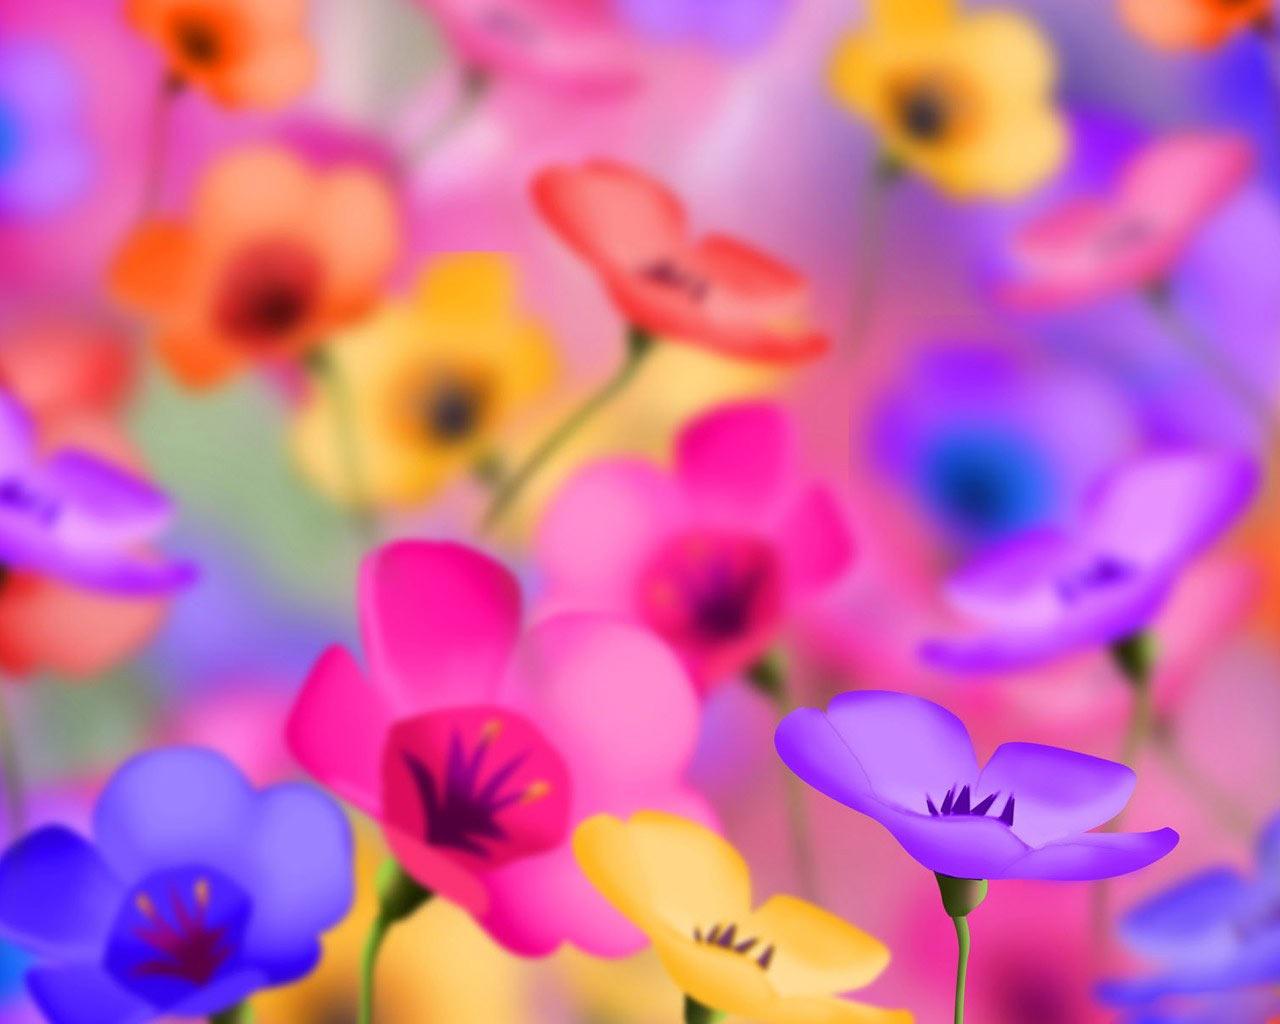 Colorful Wallpapers for Desktop - WallpaperSafari